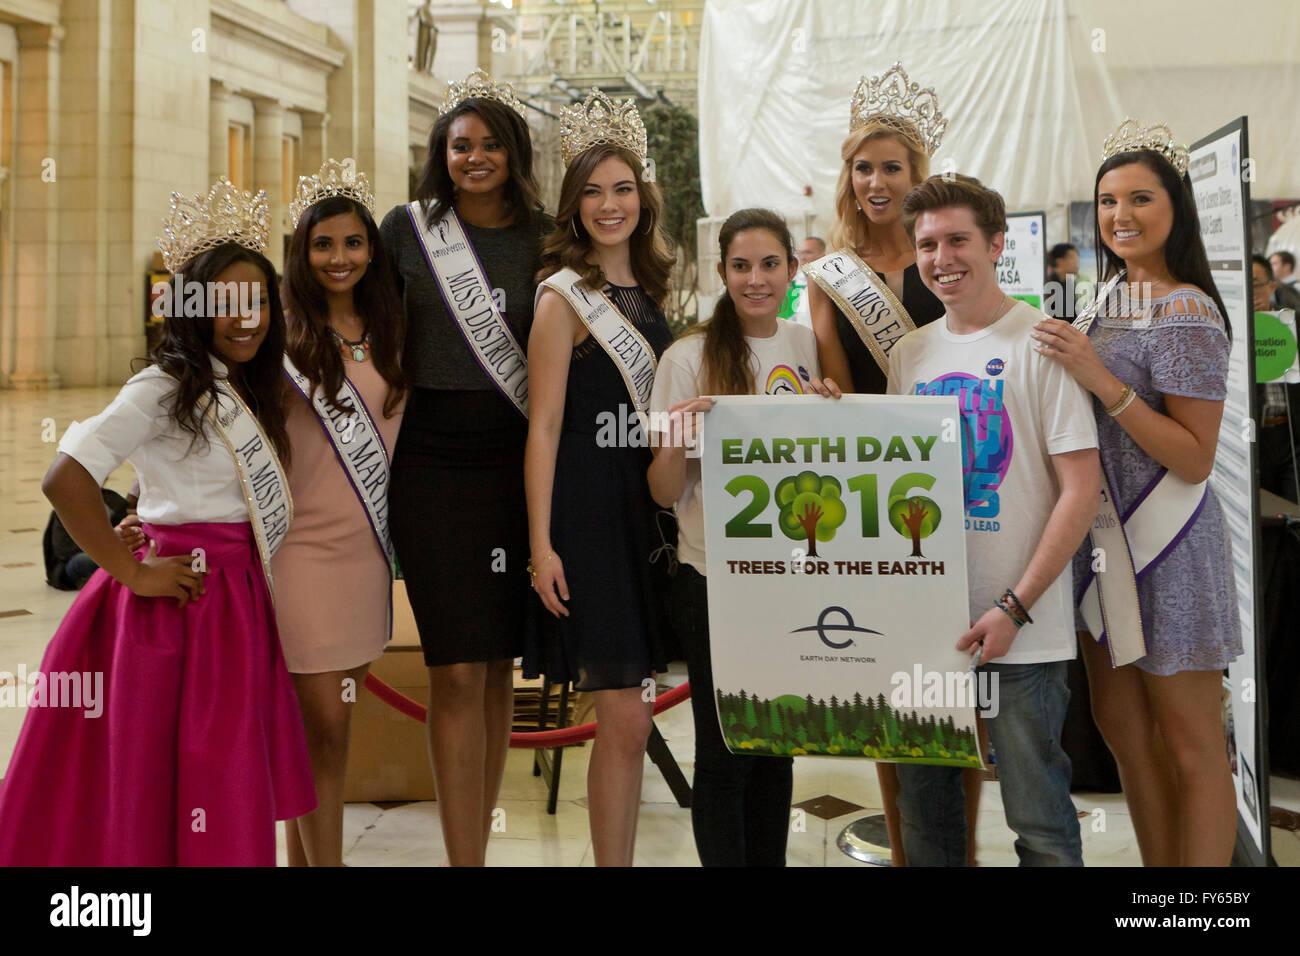 Washington DC, USA. 22 avr, 2016. La NASA célèbre le jour de la Terre avec le public dans le hall principal Photo Stock